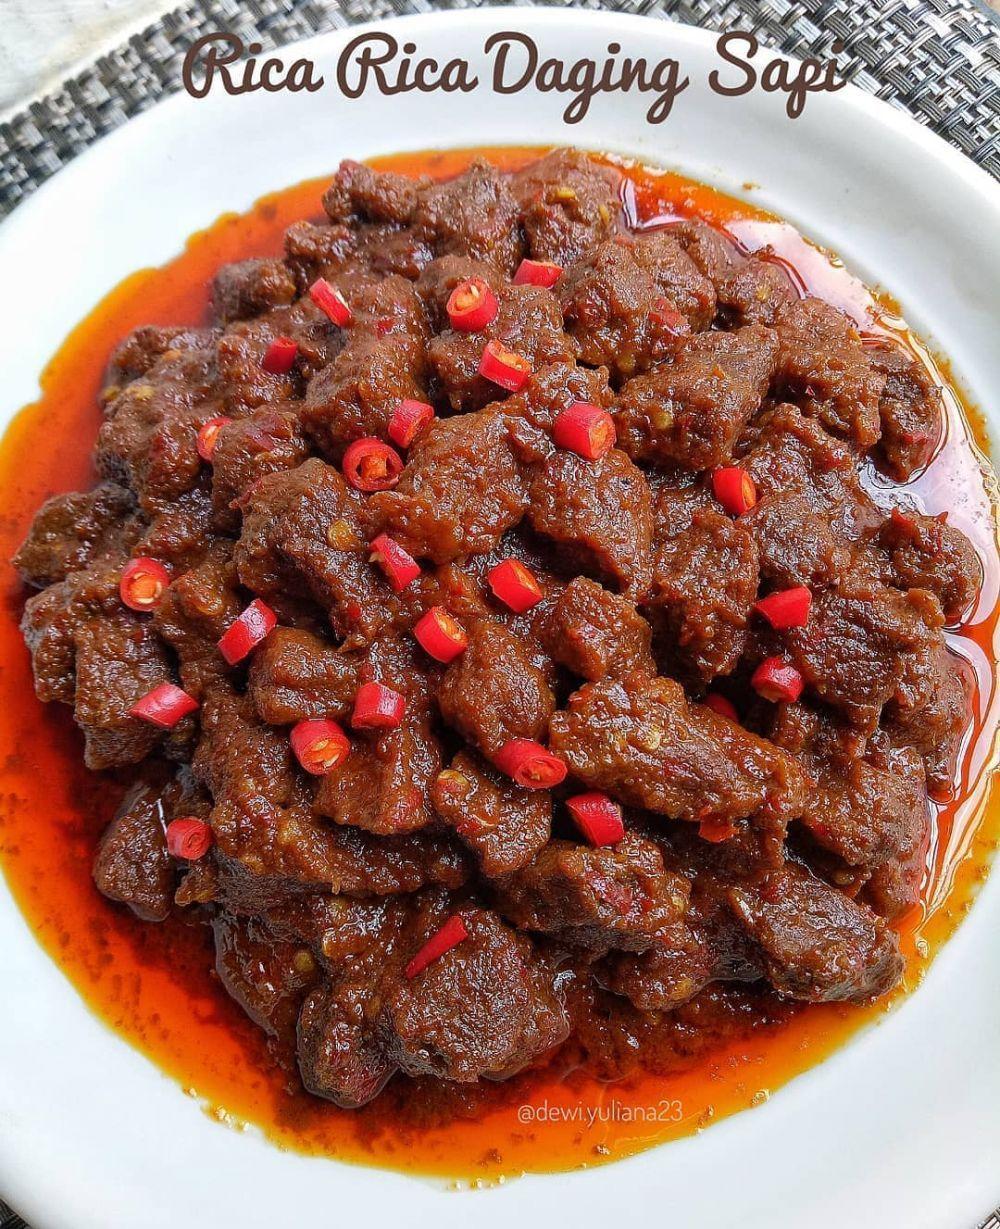 18 Resep Masakan Daging Sapi Enak Sederhana Mudah Dibuat Instagram Resepdaging Resep Idemasak Id Resep Masakan Daging Sapi Resep